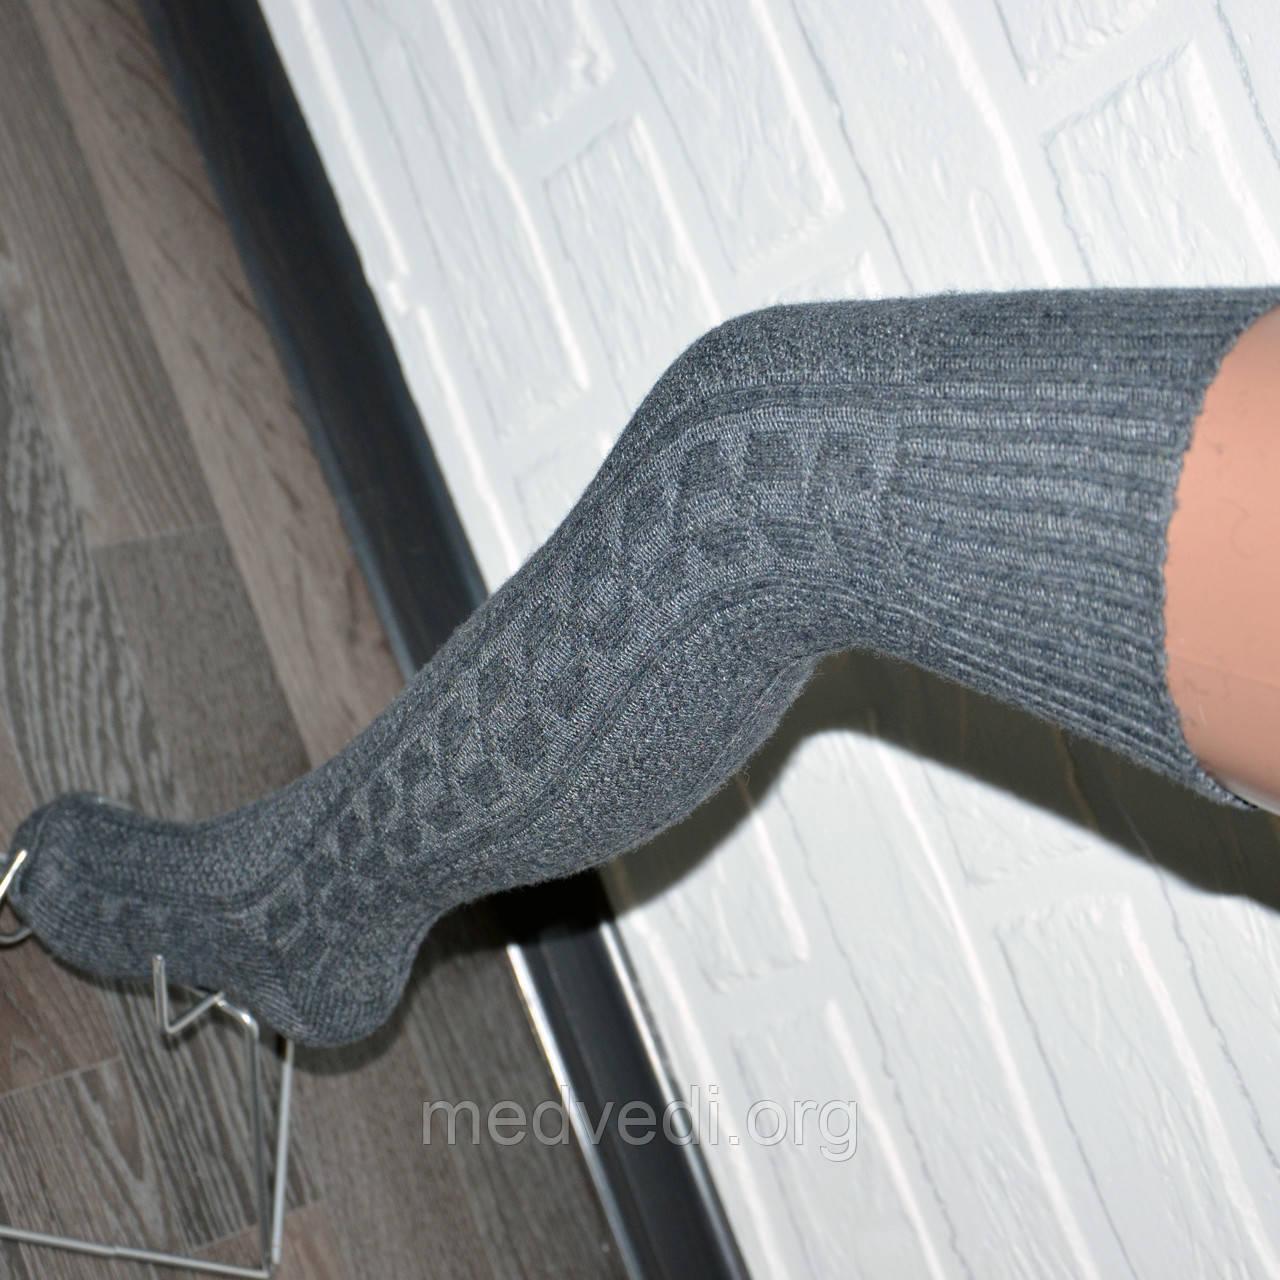 Жіночі темно-сірі гольфи, вовняні гетри вище коліна, теплі заколенки